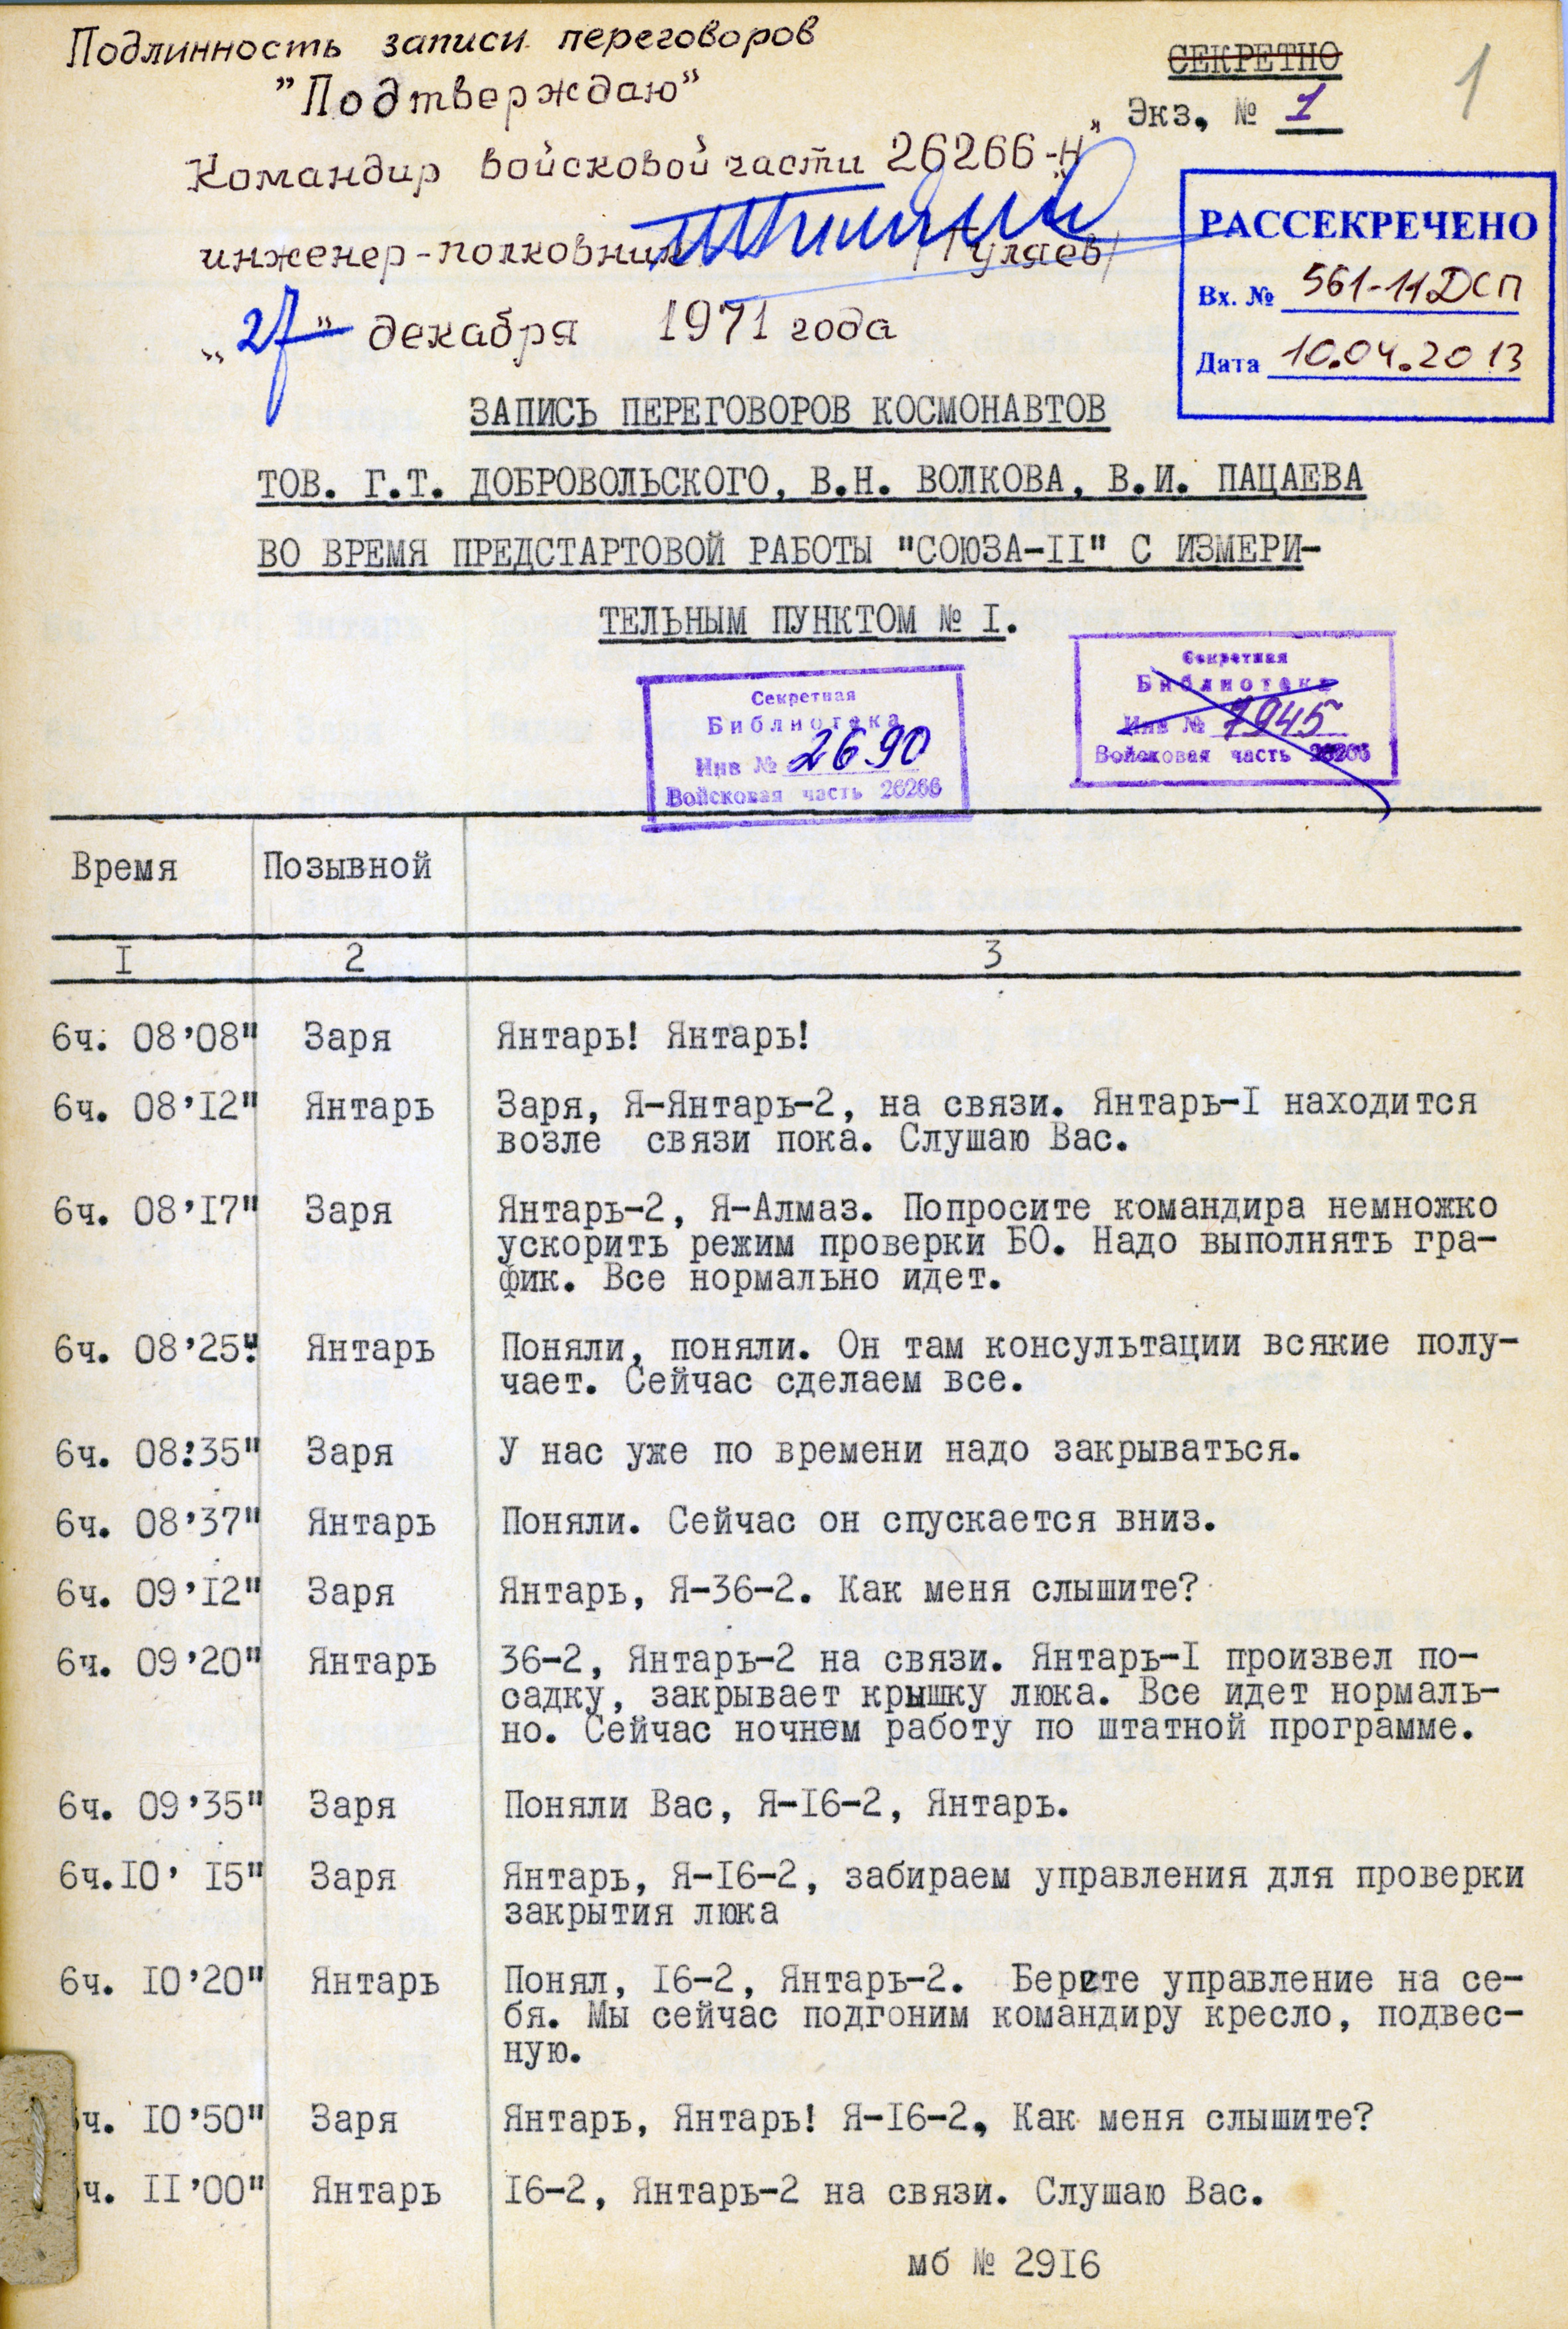 Рассекреченный документ, с.1